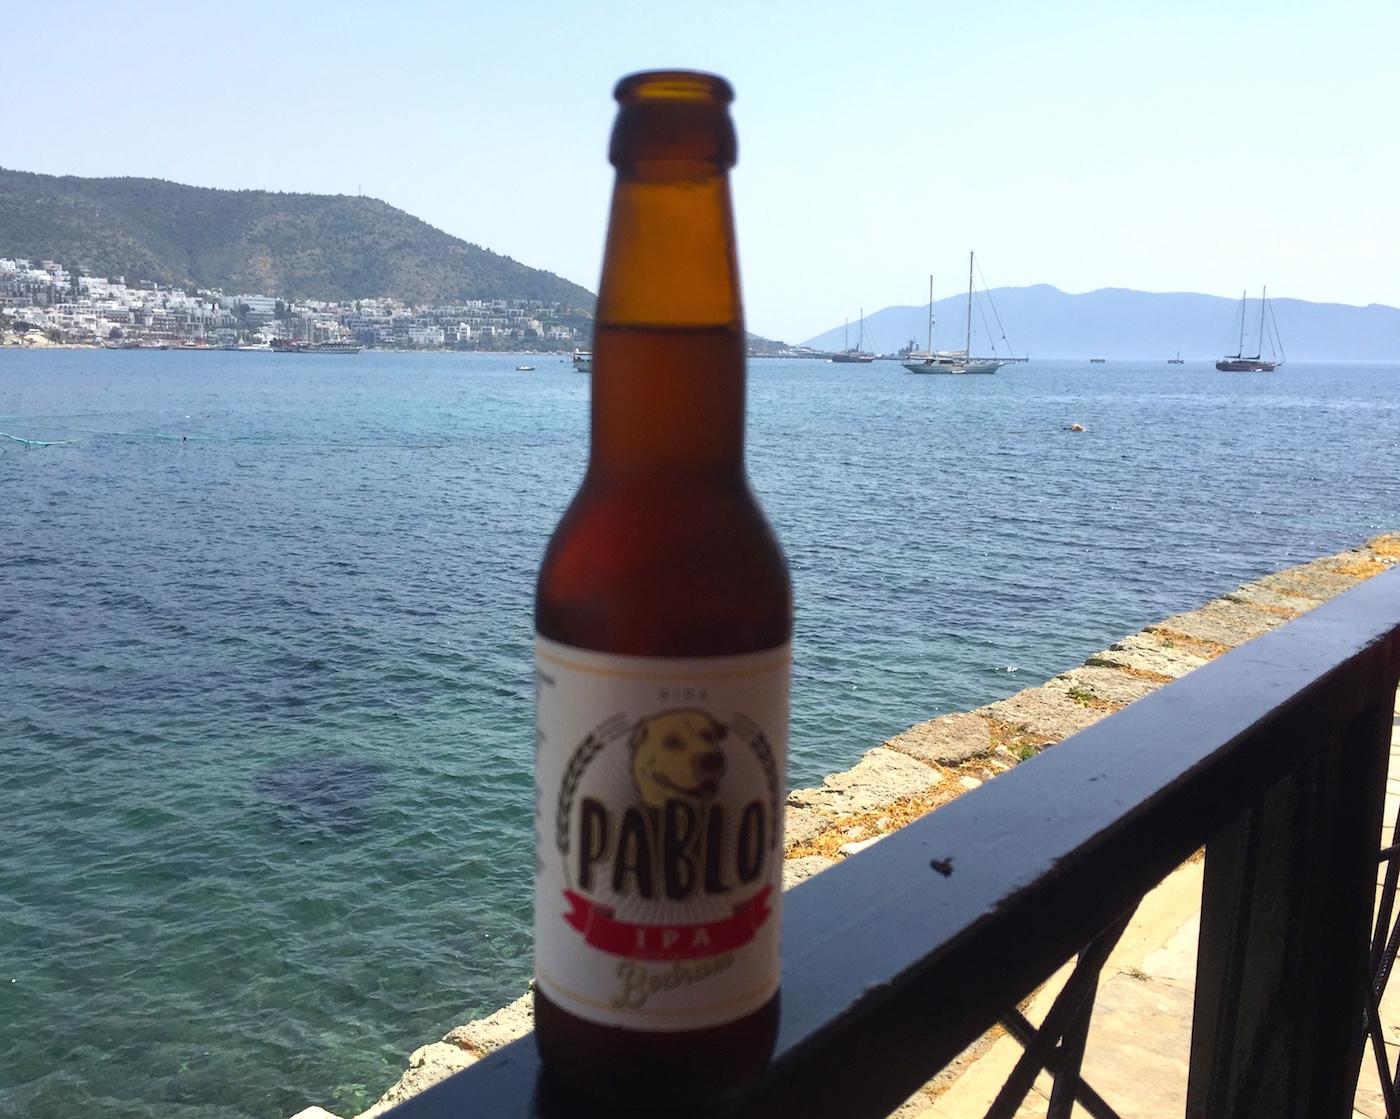 pablo bira 1